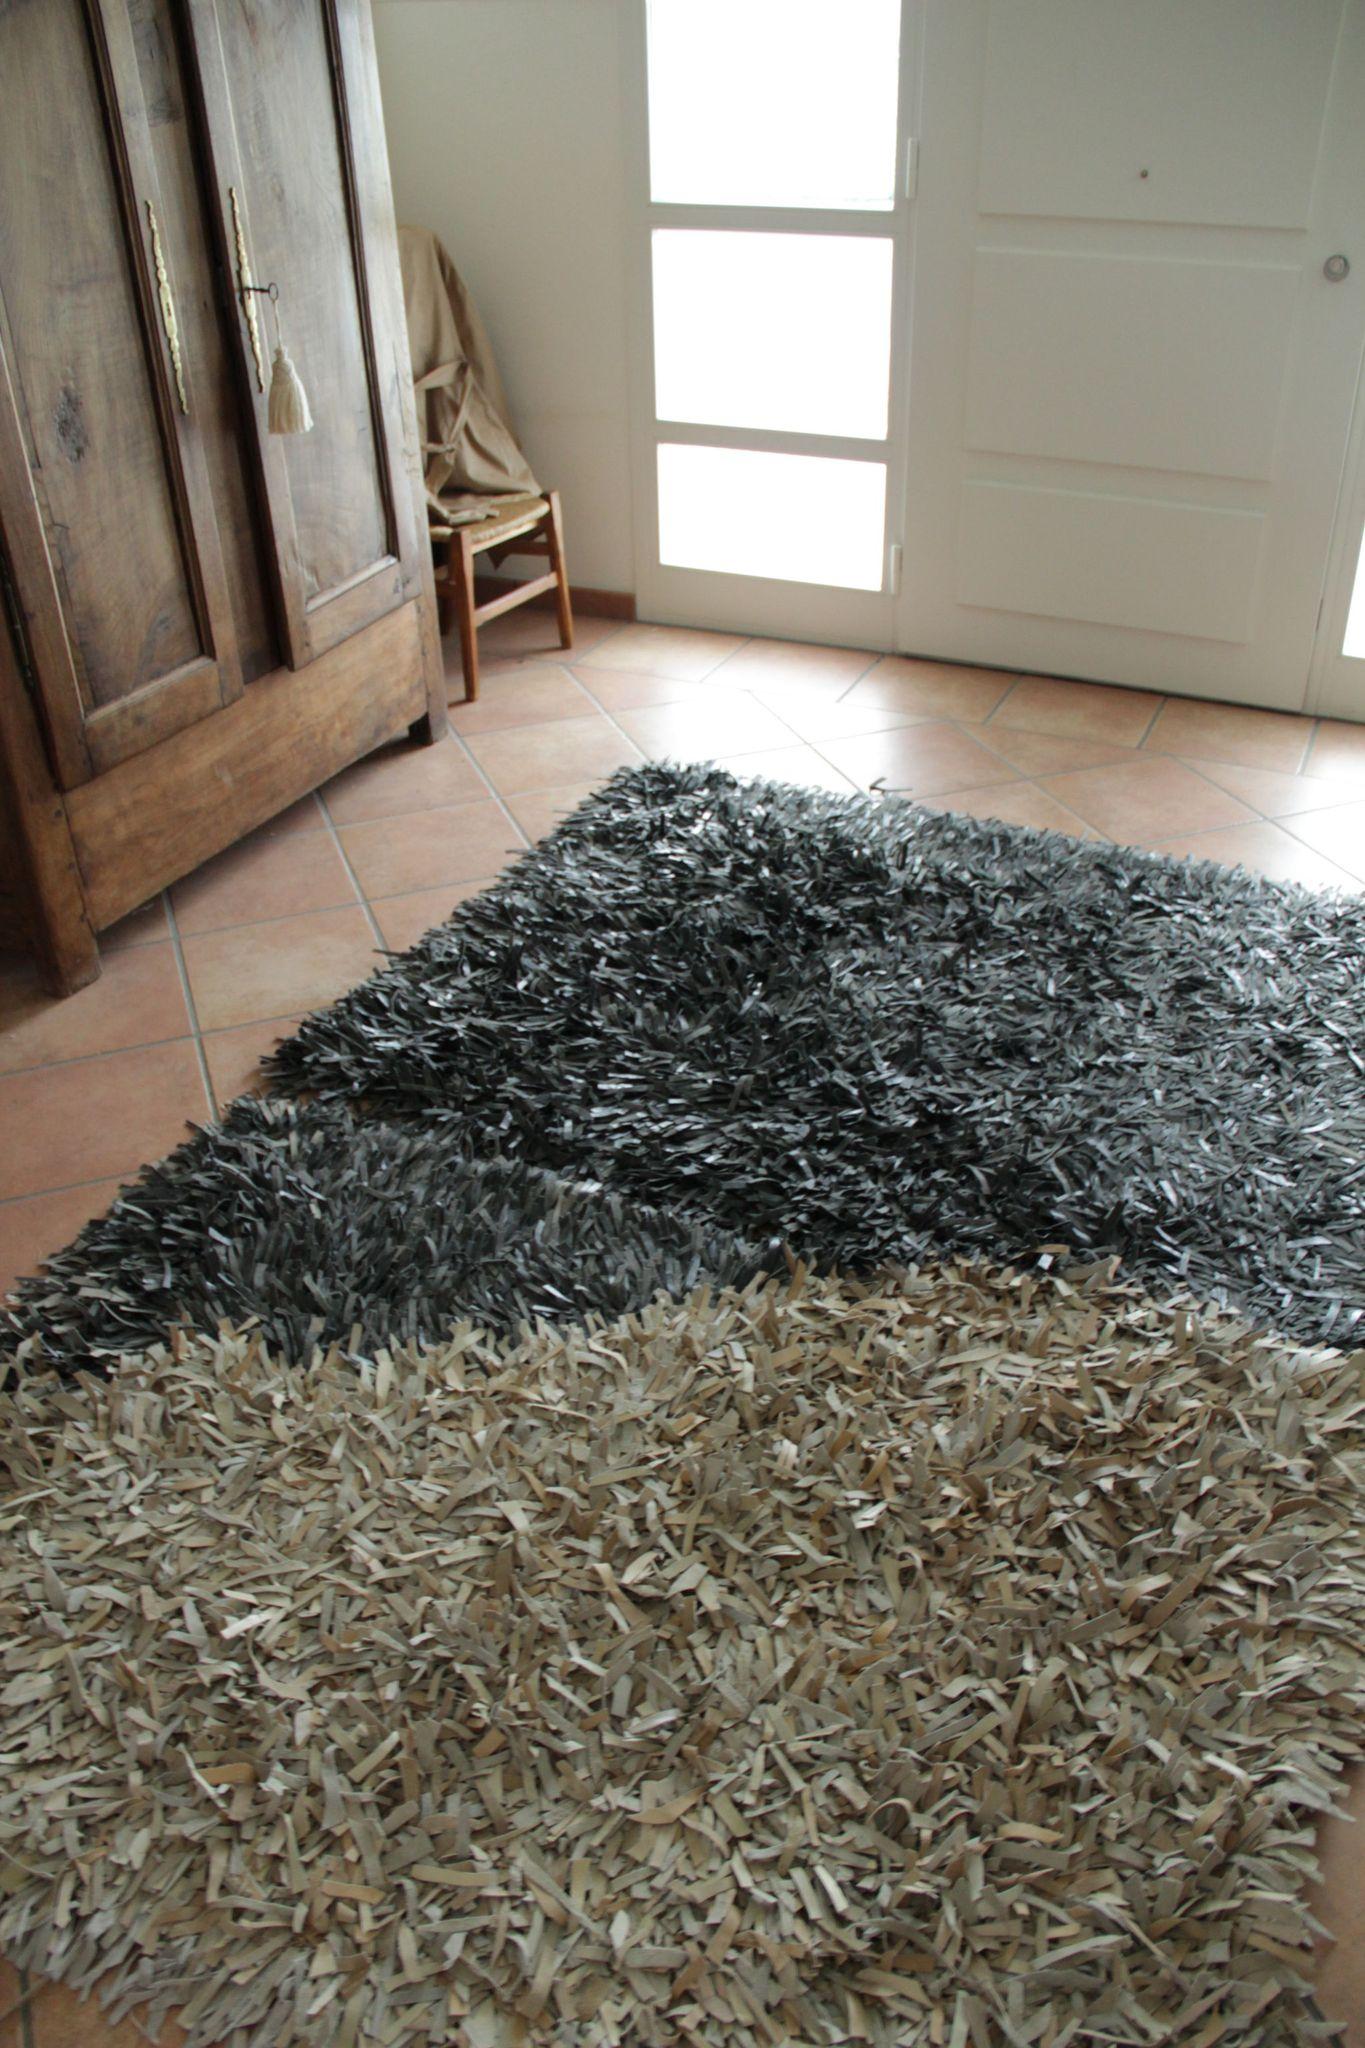 du canape au tapis pointes de folie With tapis champ de fleurs avec groupon canapé cuir